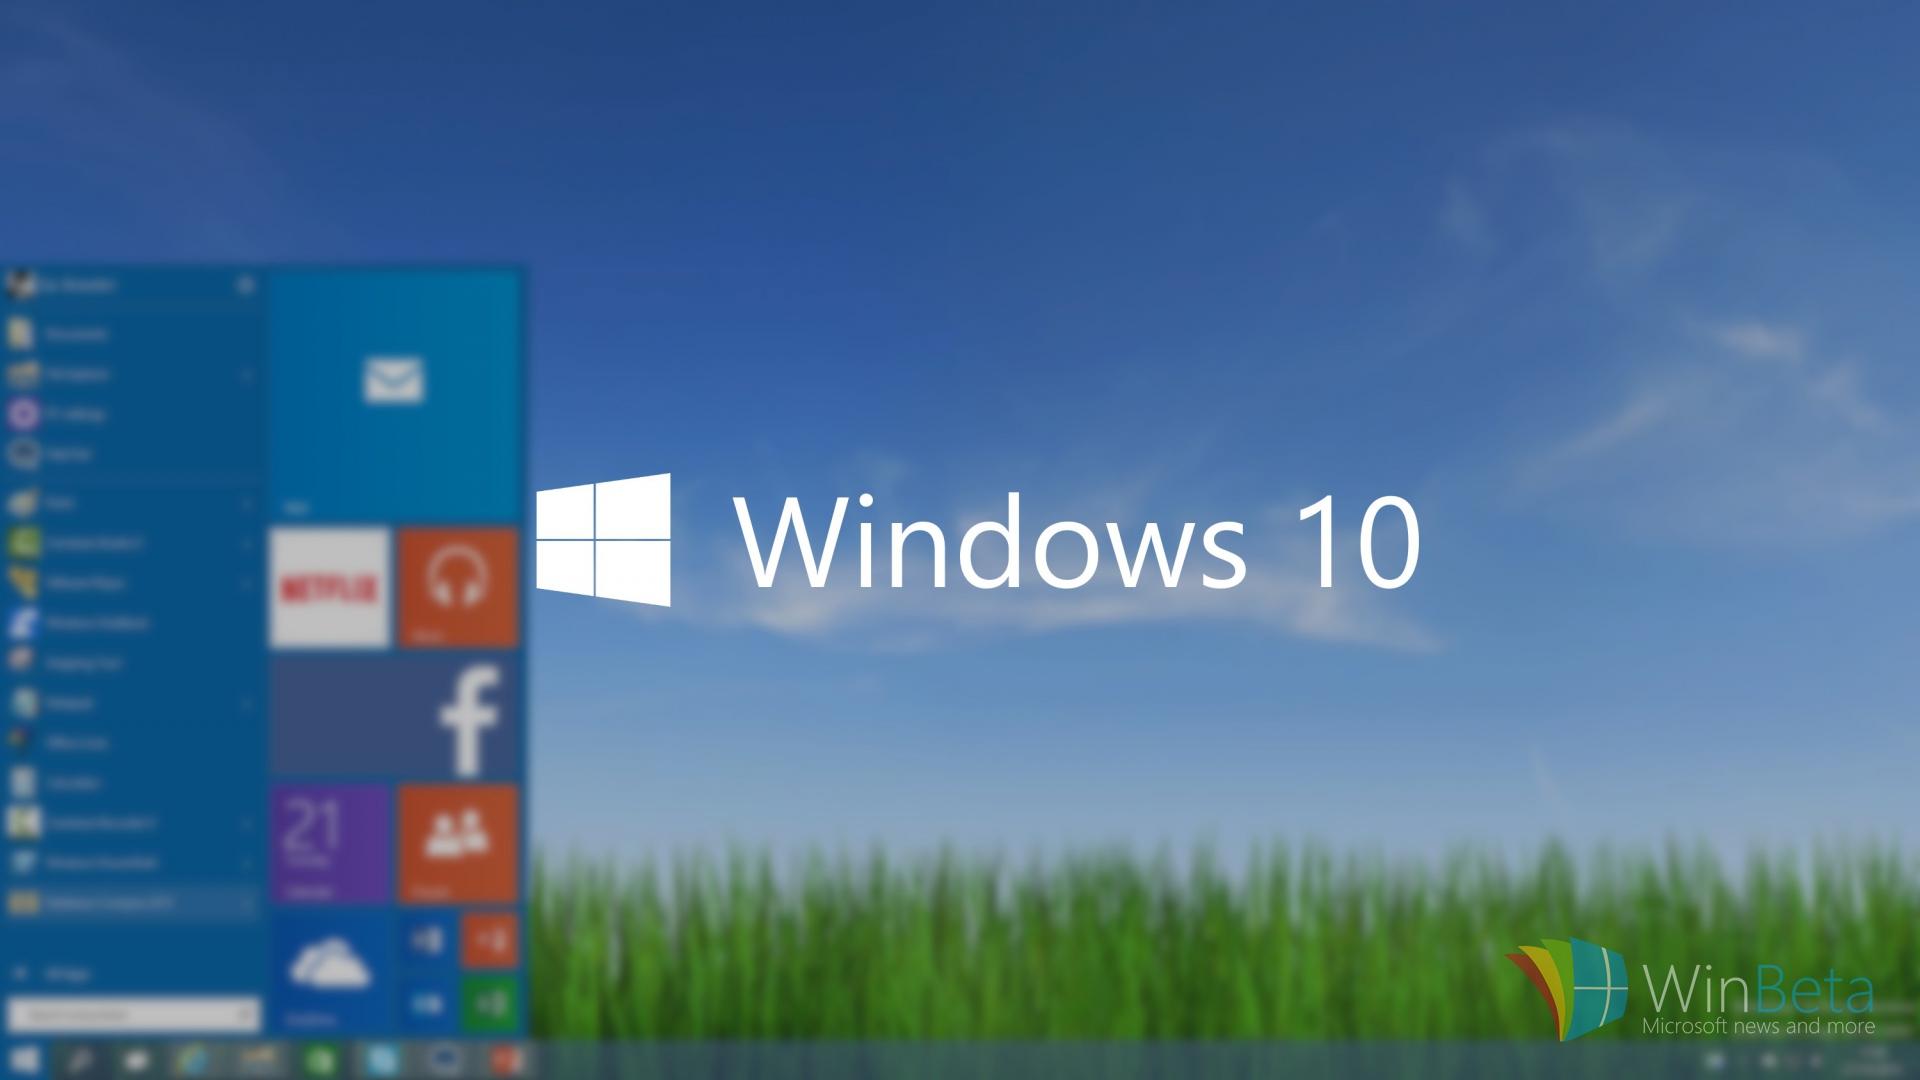 مايكروسوفت Microsoft: الترقية لويندوز10 Windows أيضا للنسخ المقرصنة